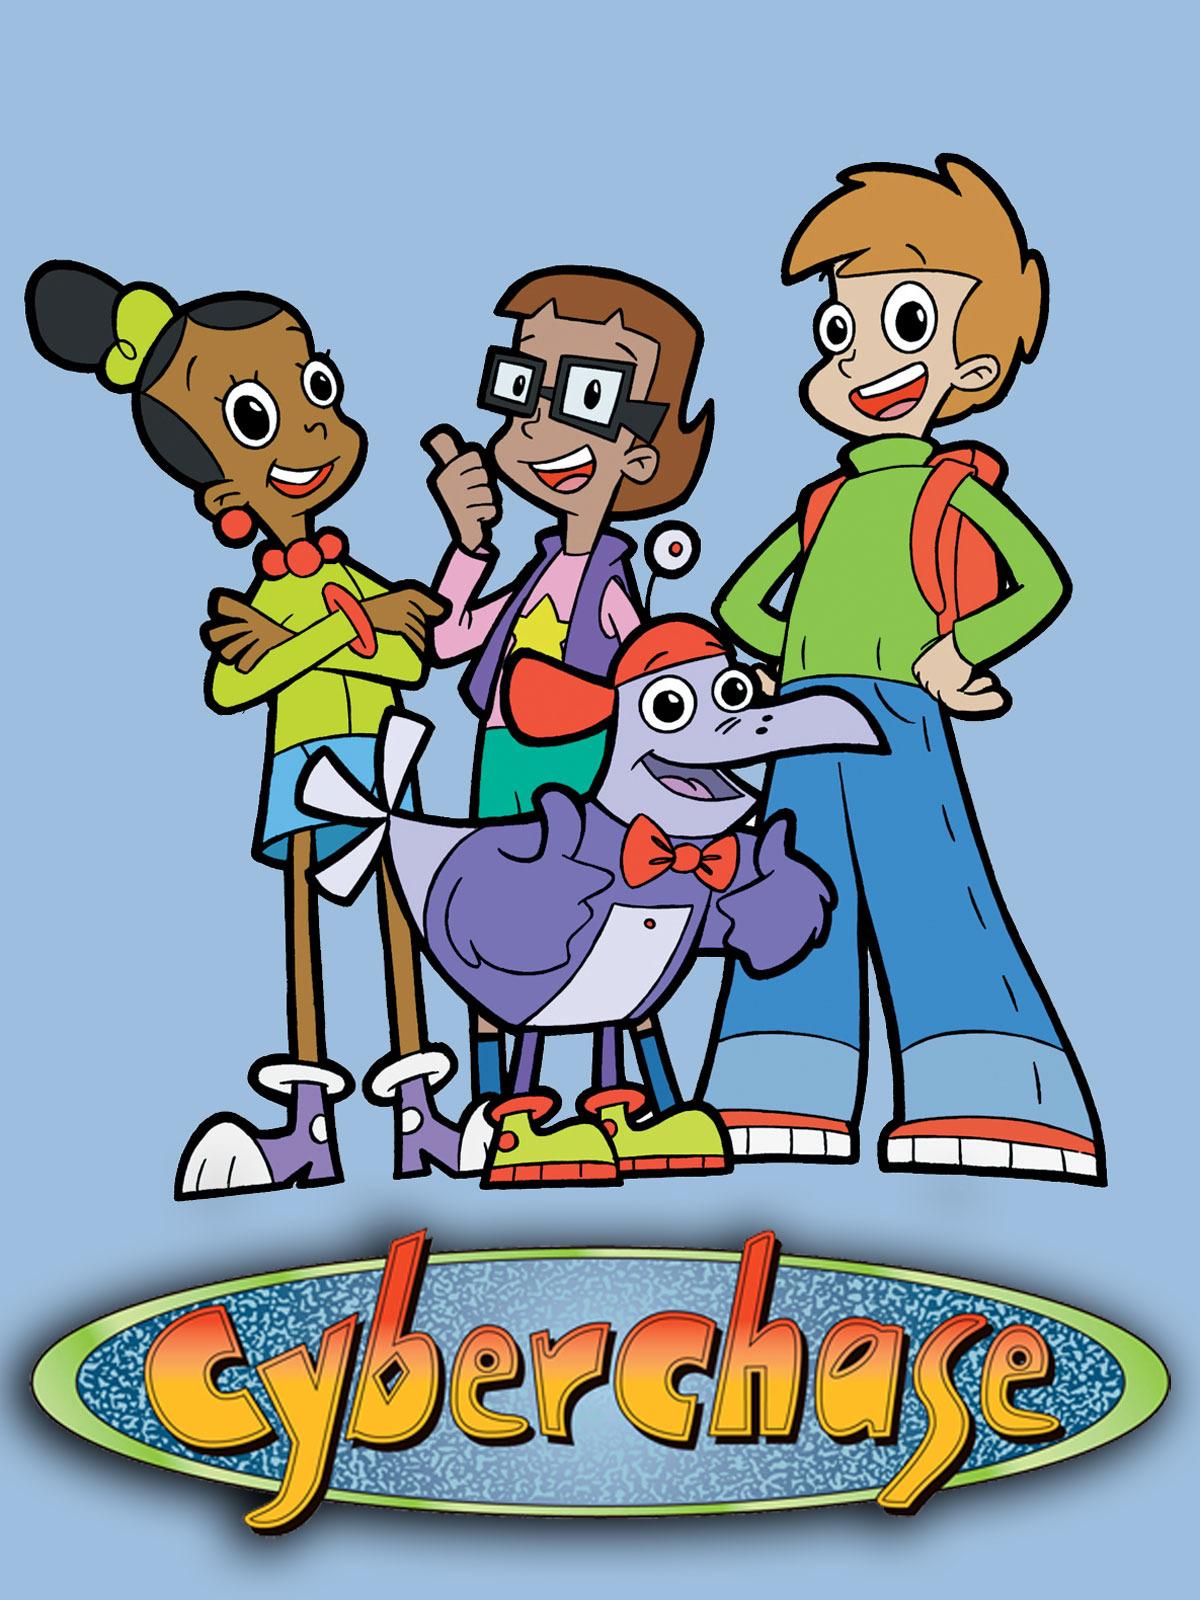 Cyberchase: Season 10